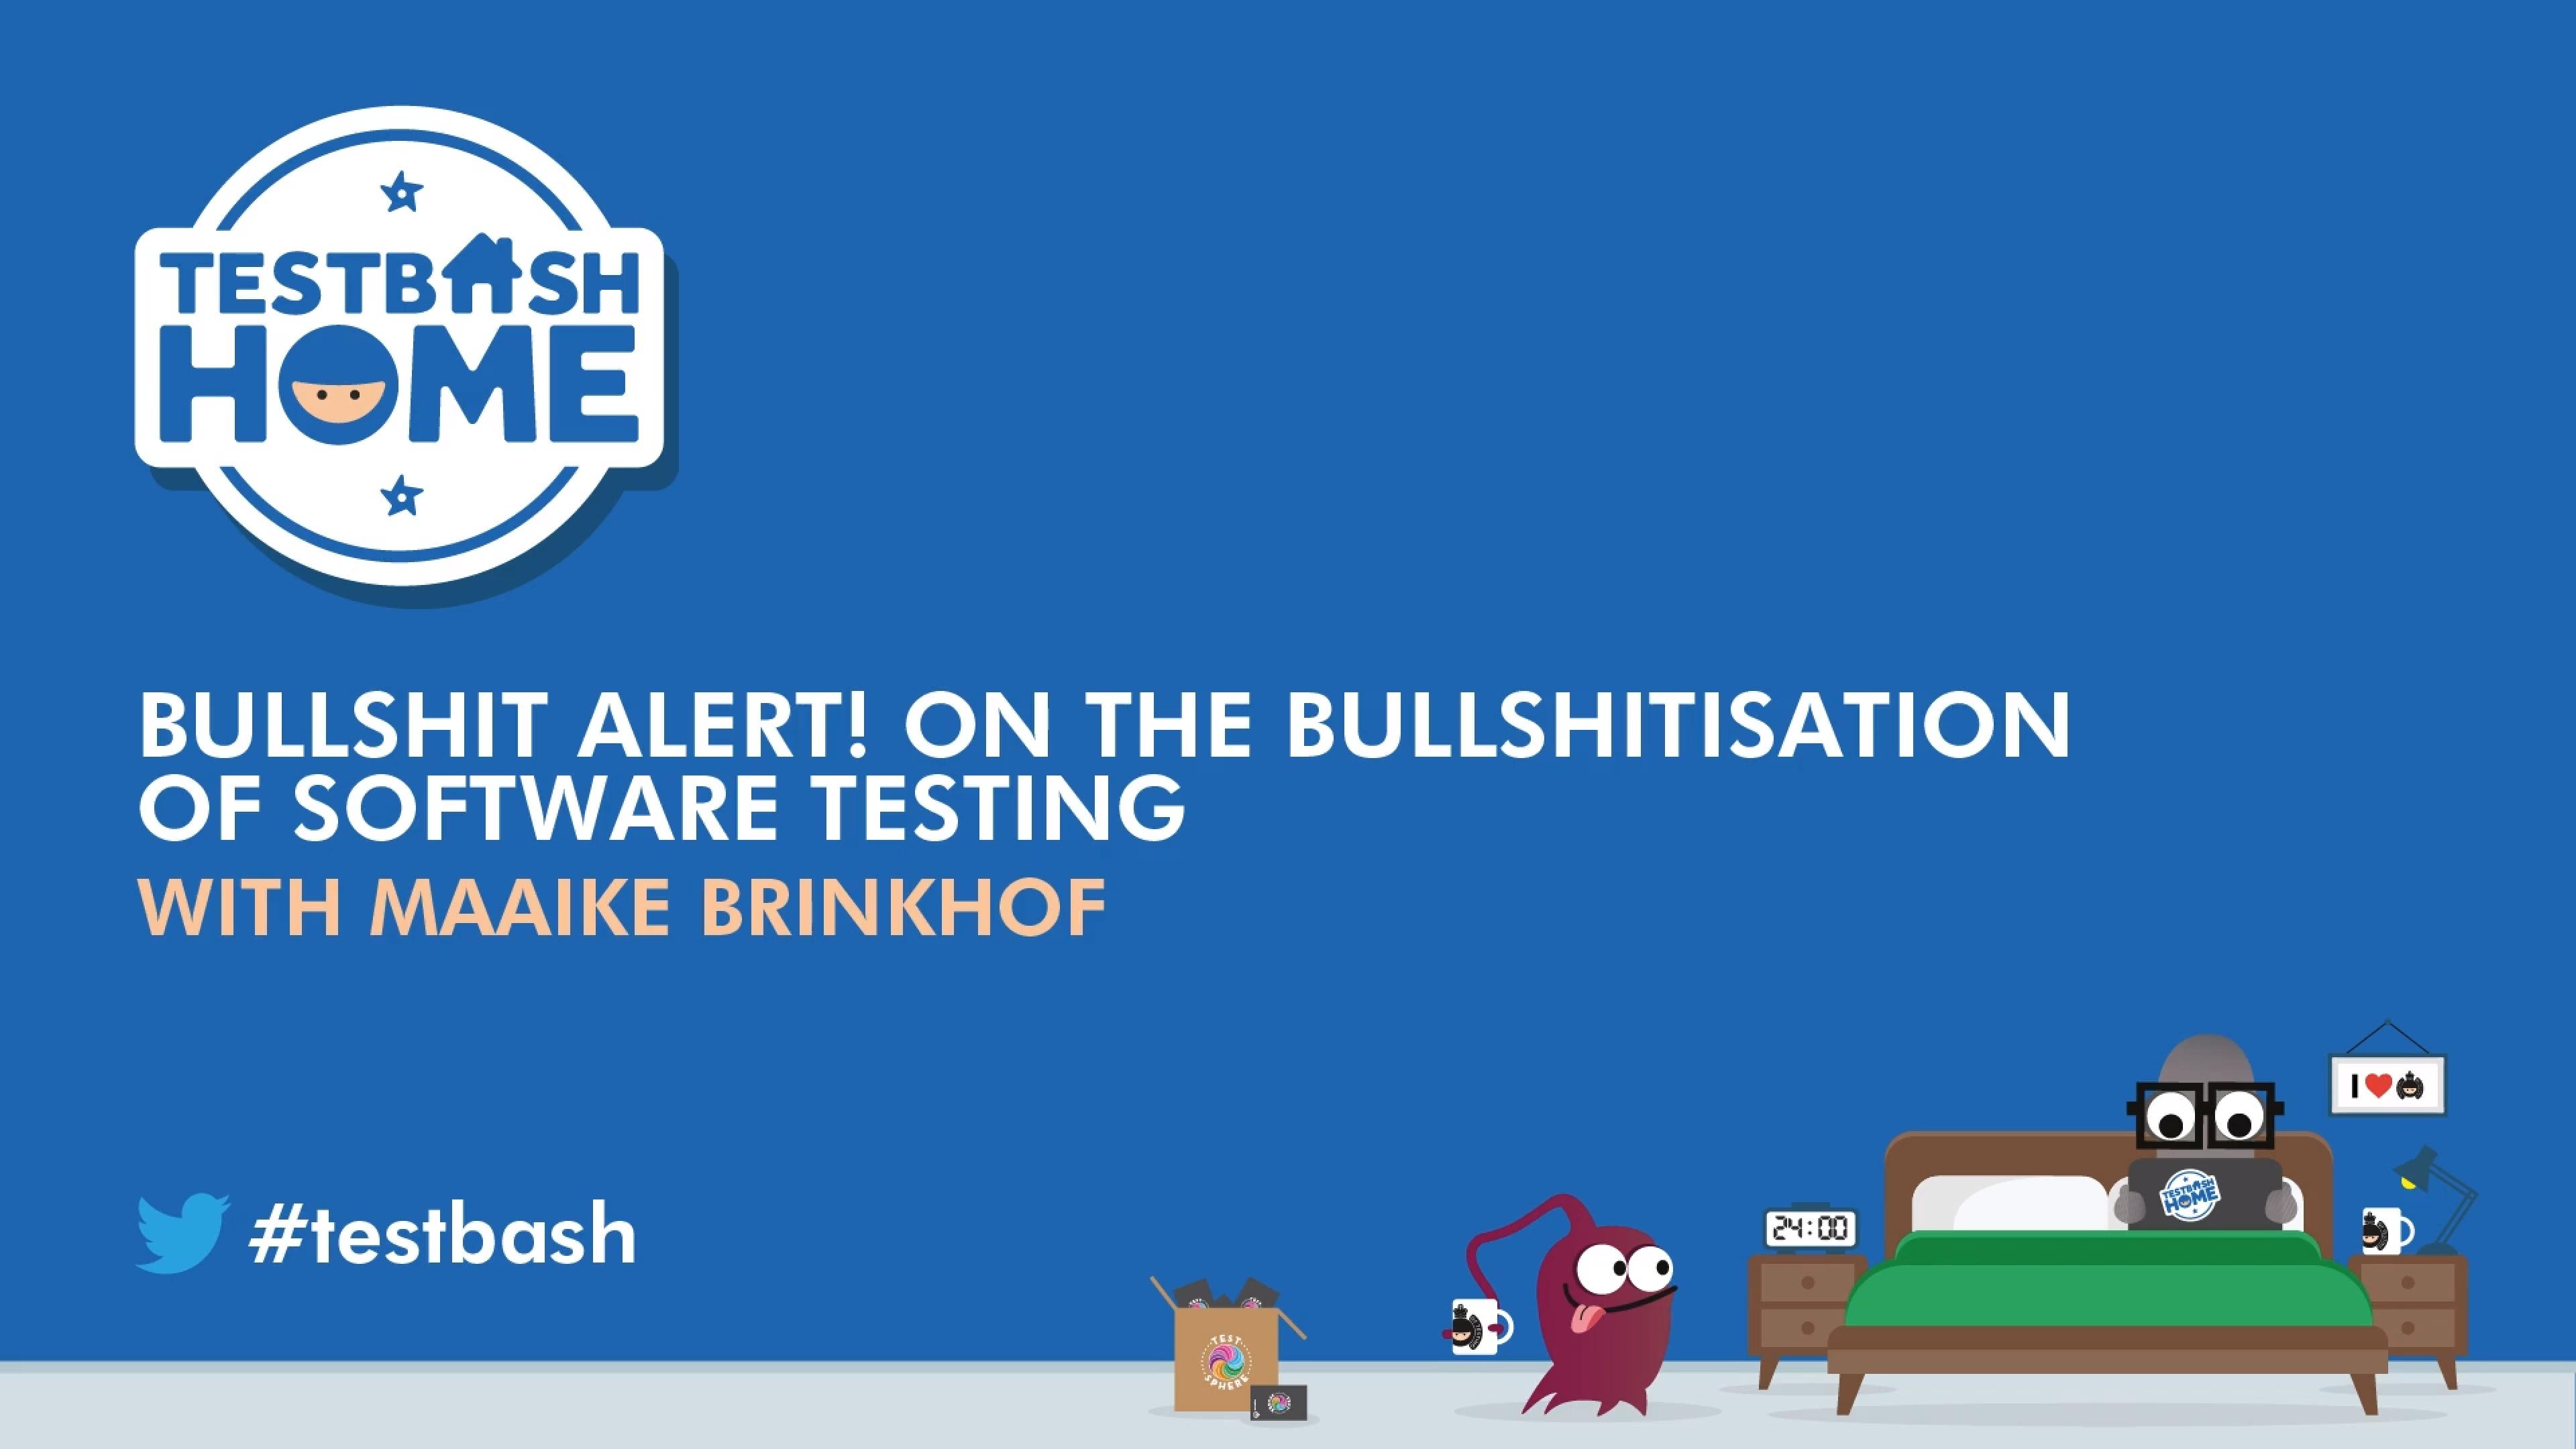 Bullshit Alert! On The Bullshitisation of Software Testing